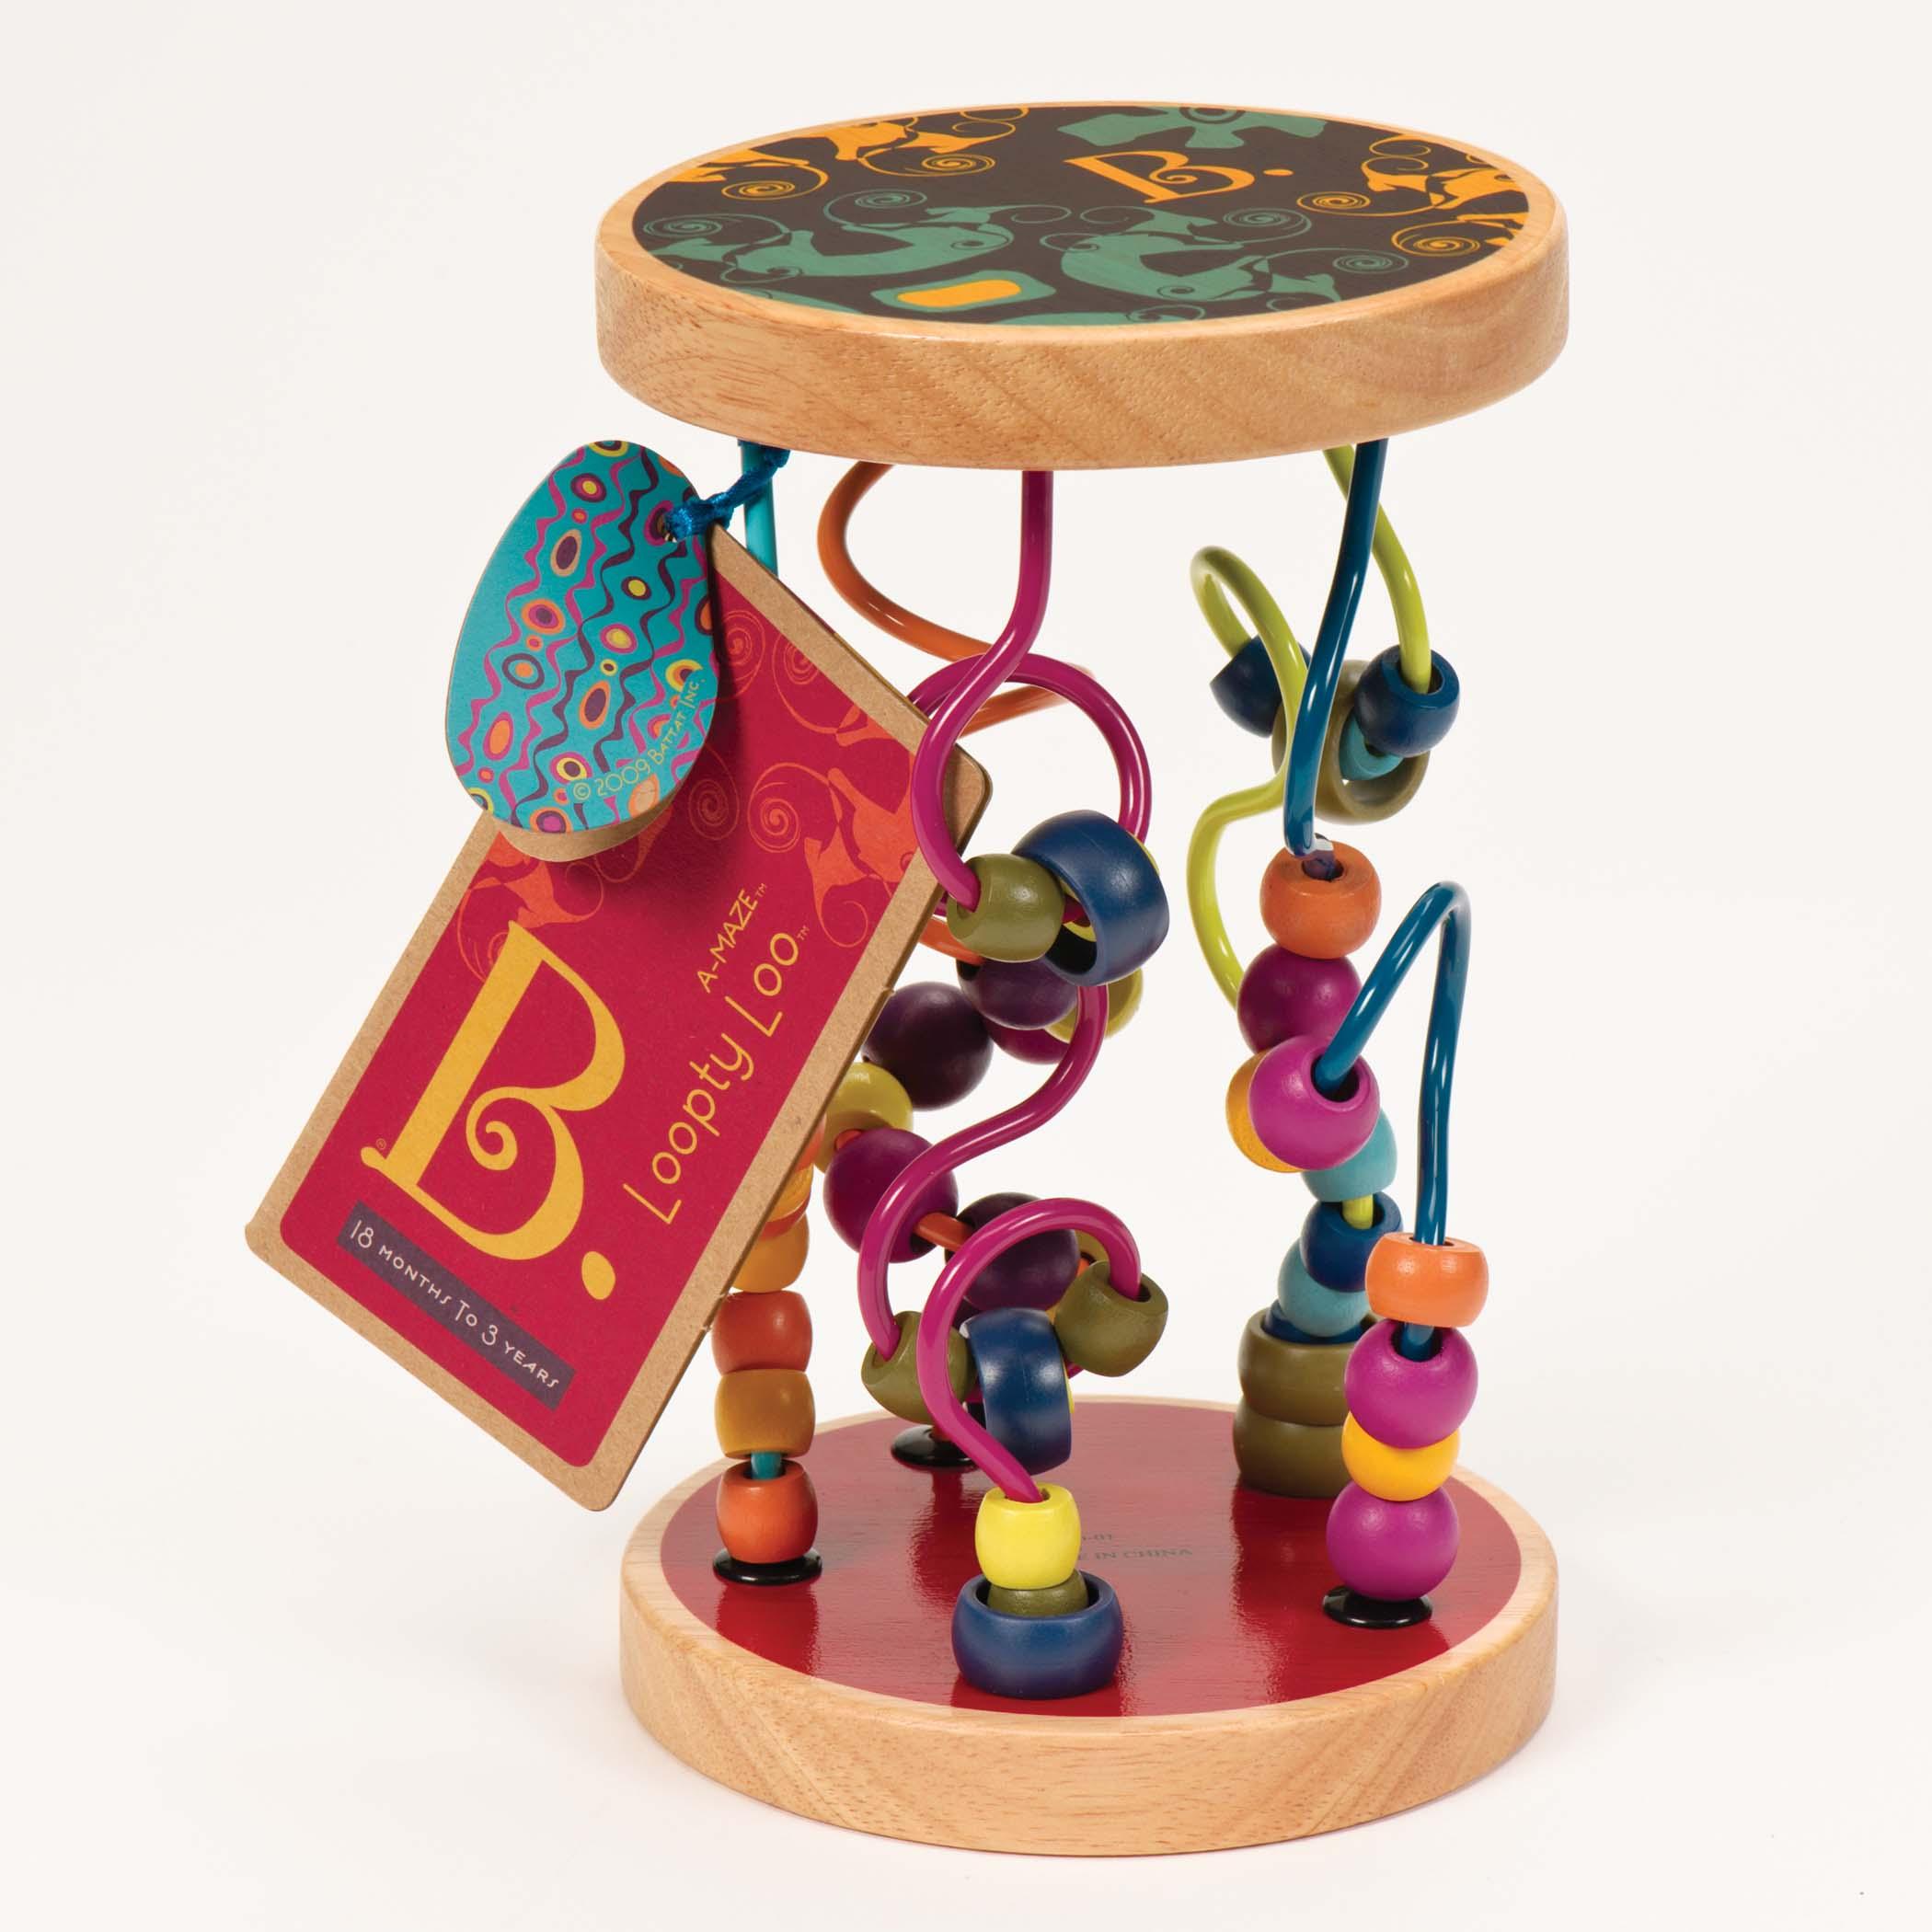 Сбор заказов. Грандиозная распродажа игрушек-12. Добавились еще игрушки! Скидки от 40 до 50%. Куклы, пупсы, светящиеся конструкторы, машины и вертолеты, интерактивные игрушки и др! В 2-3 раза дешевле магазина!